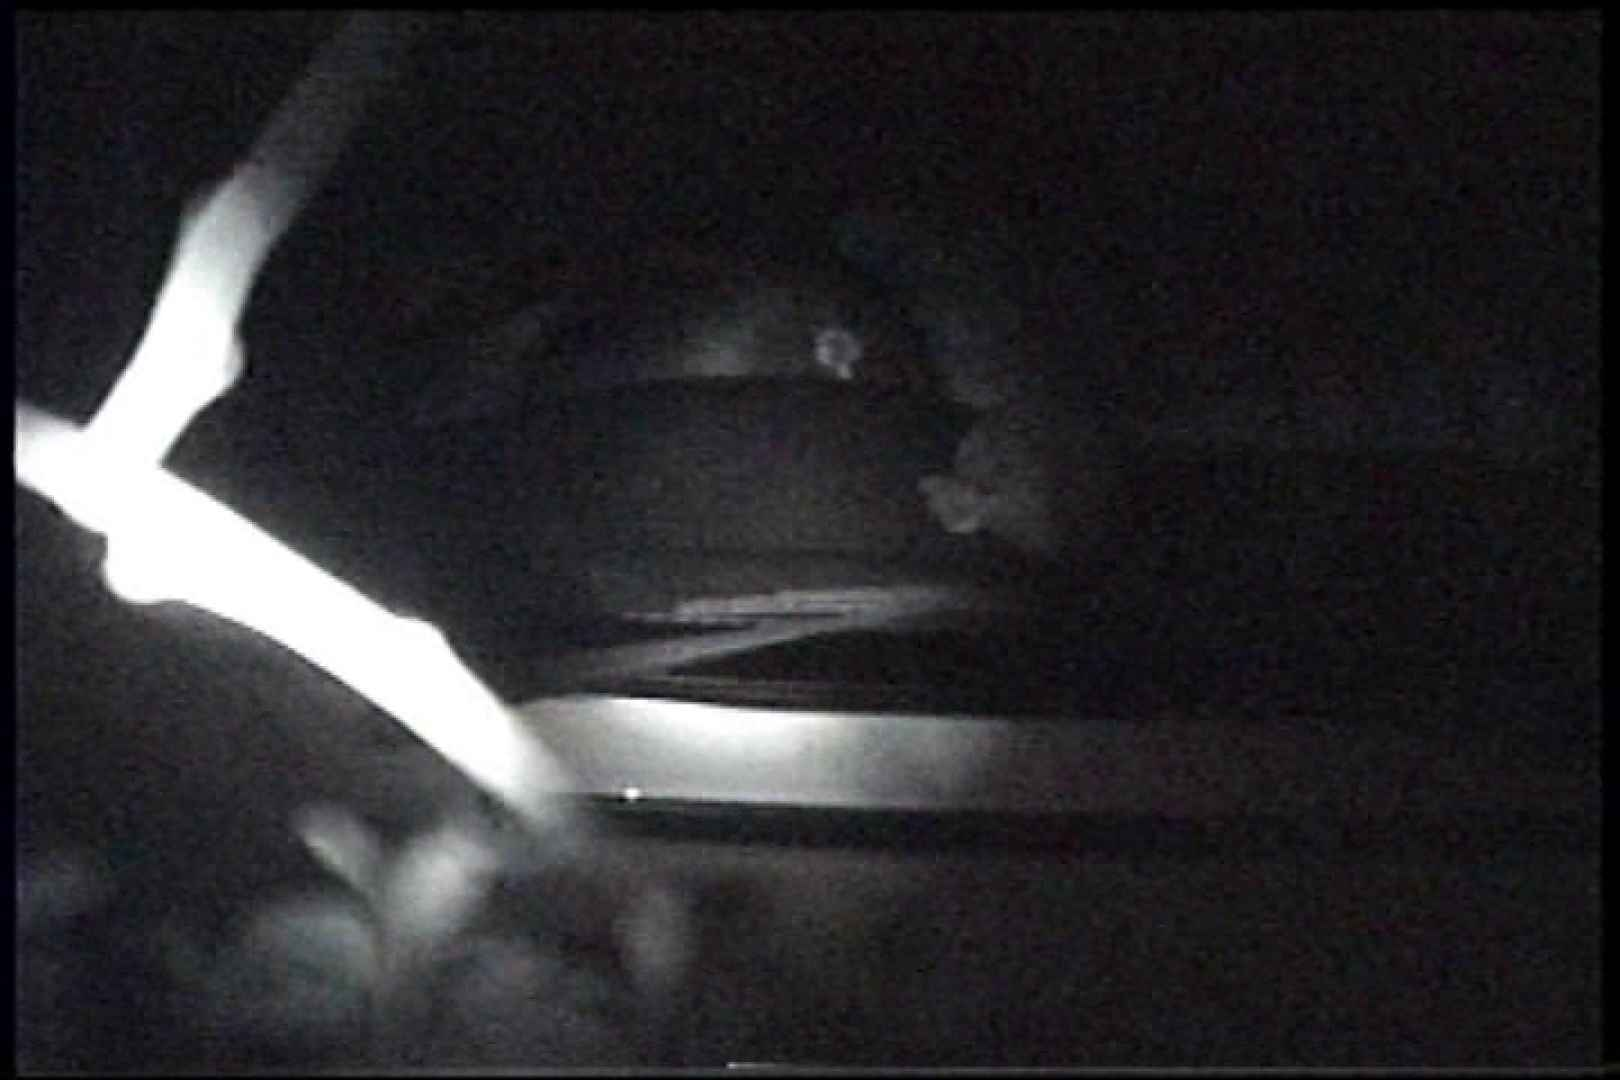 充血監督の深夜の運動会Vol.238 プライベート | エロティックなOL  92画像 88